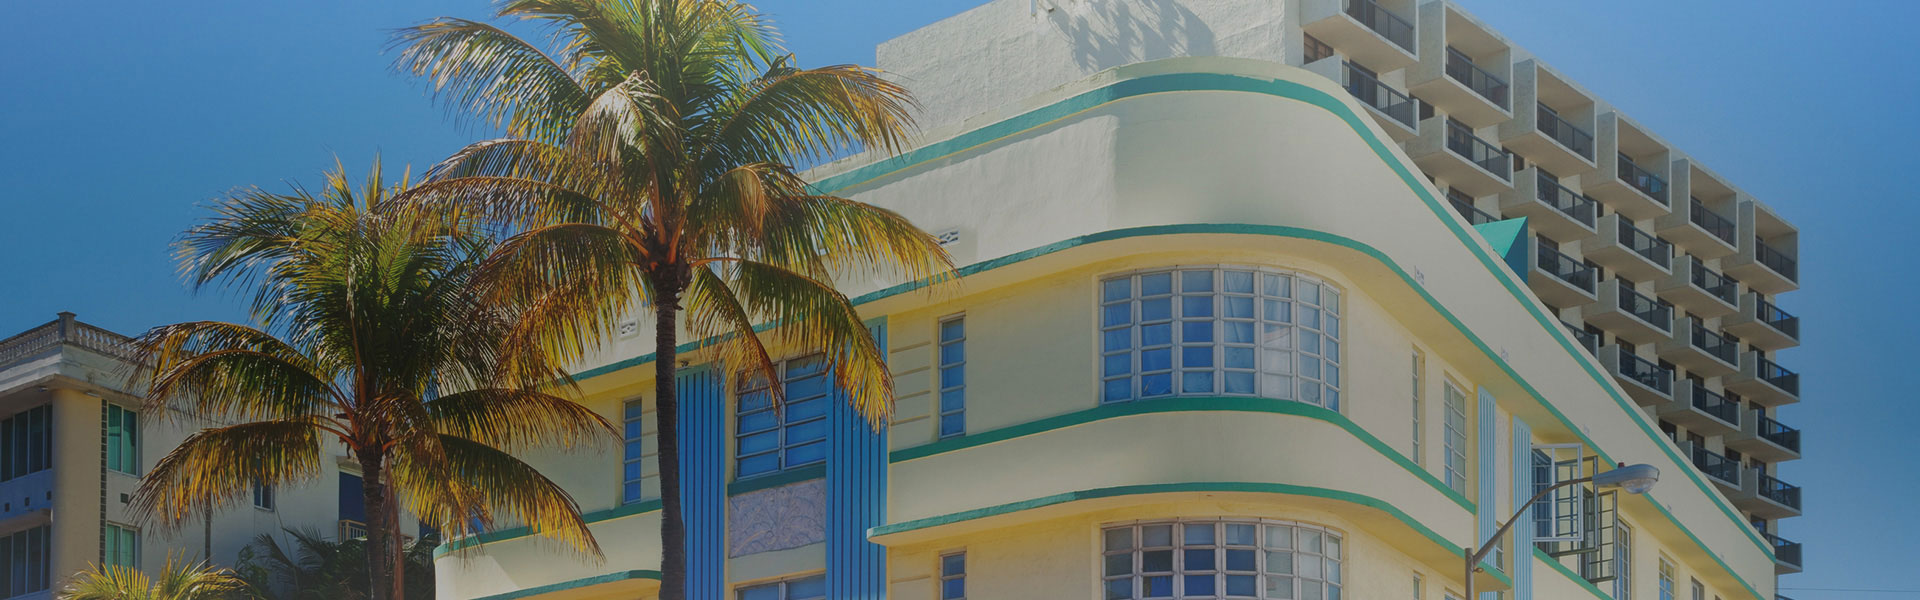 Edificio amarillo y azul Art Deco